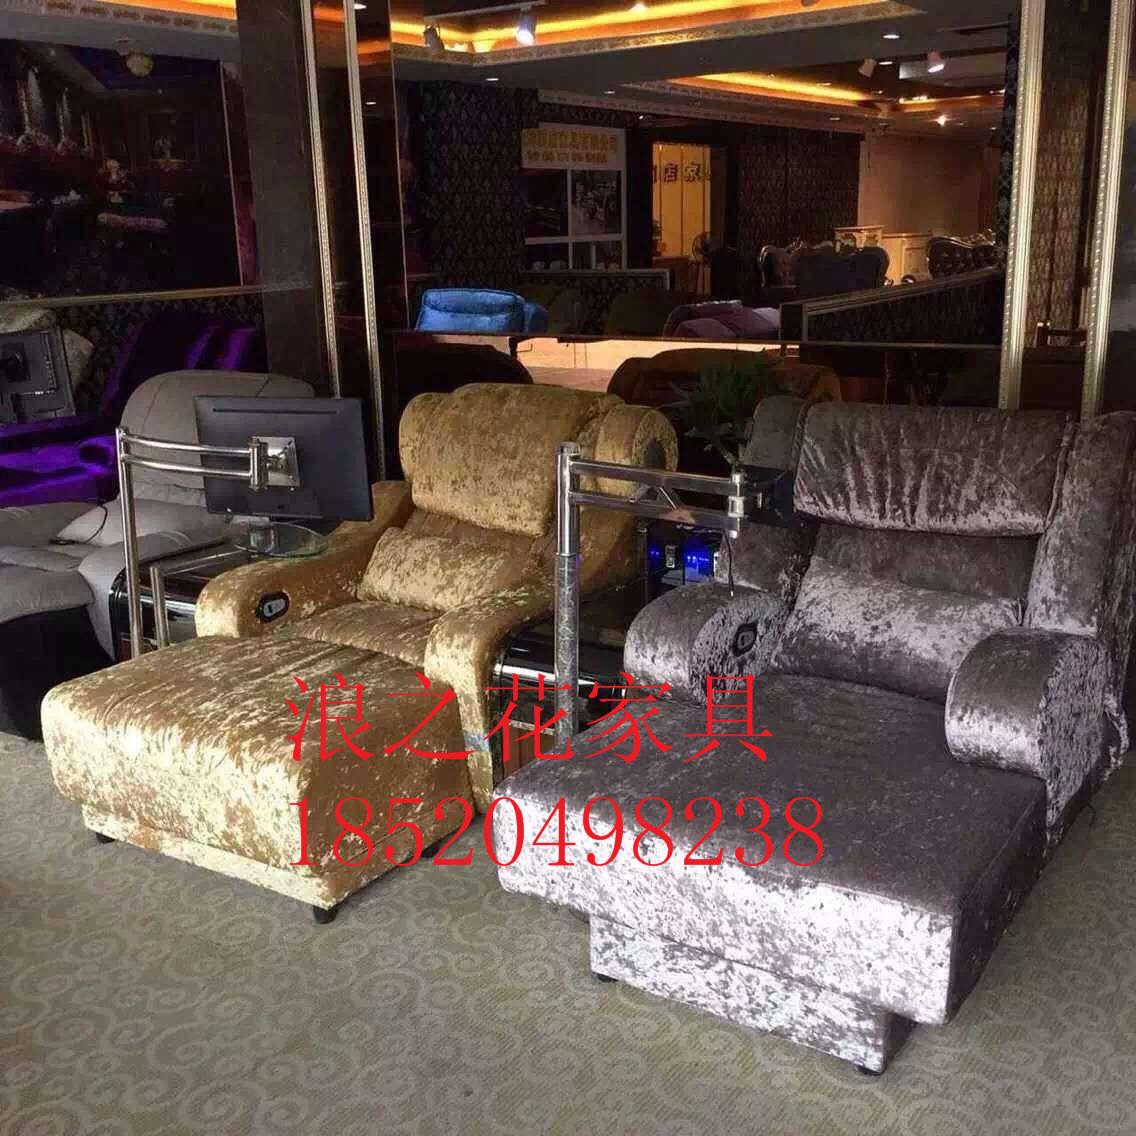 供应常德桑拿沙发,常德哪里定做桑拿电动床,桑拿按摩椅沙发订做厂家